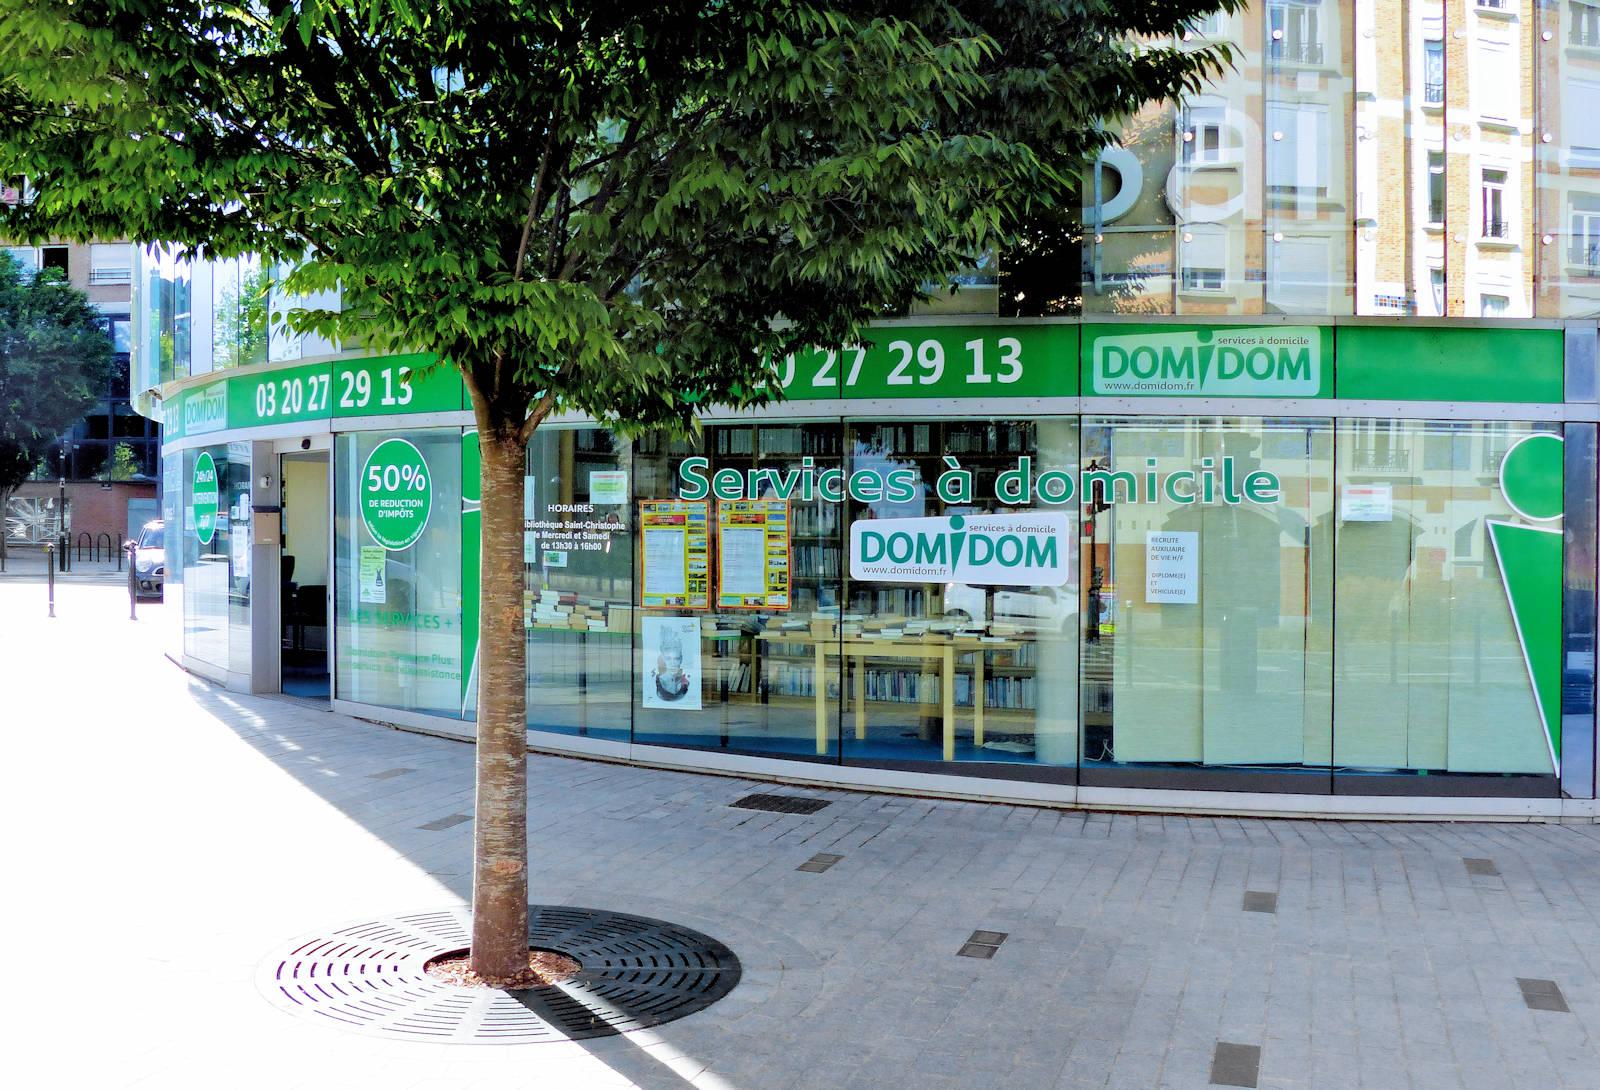 Domidom Tourcoing Centre - 2 rue d'Havré